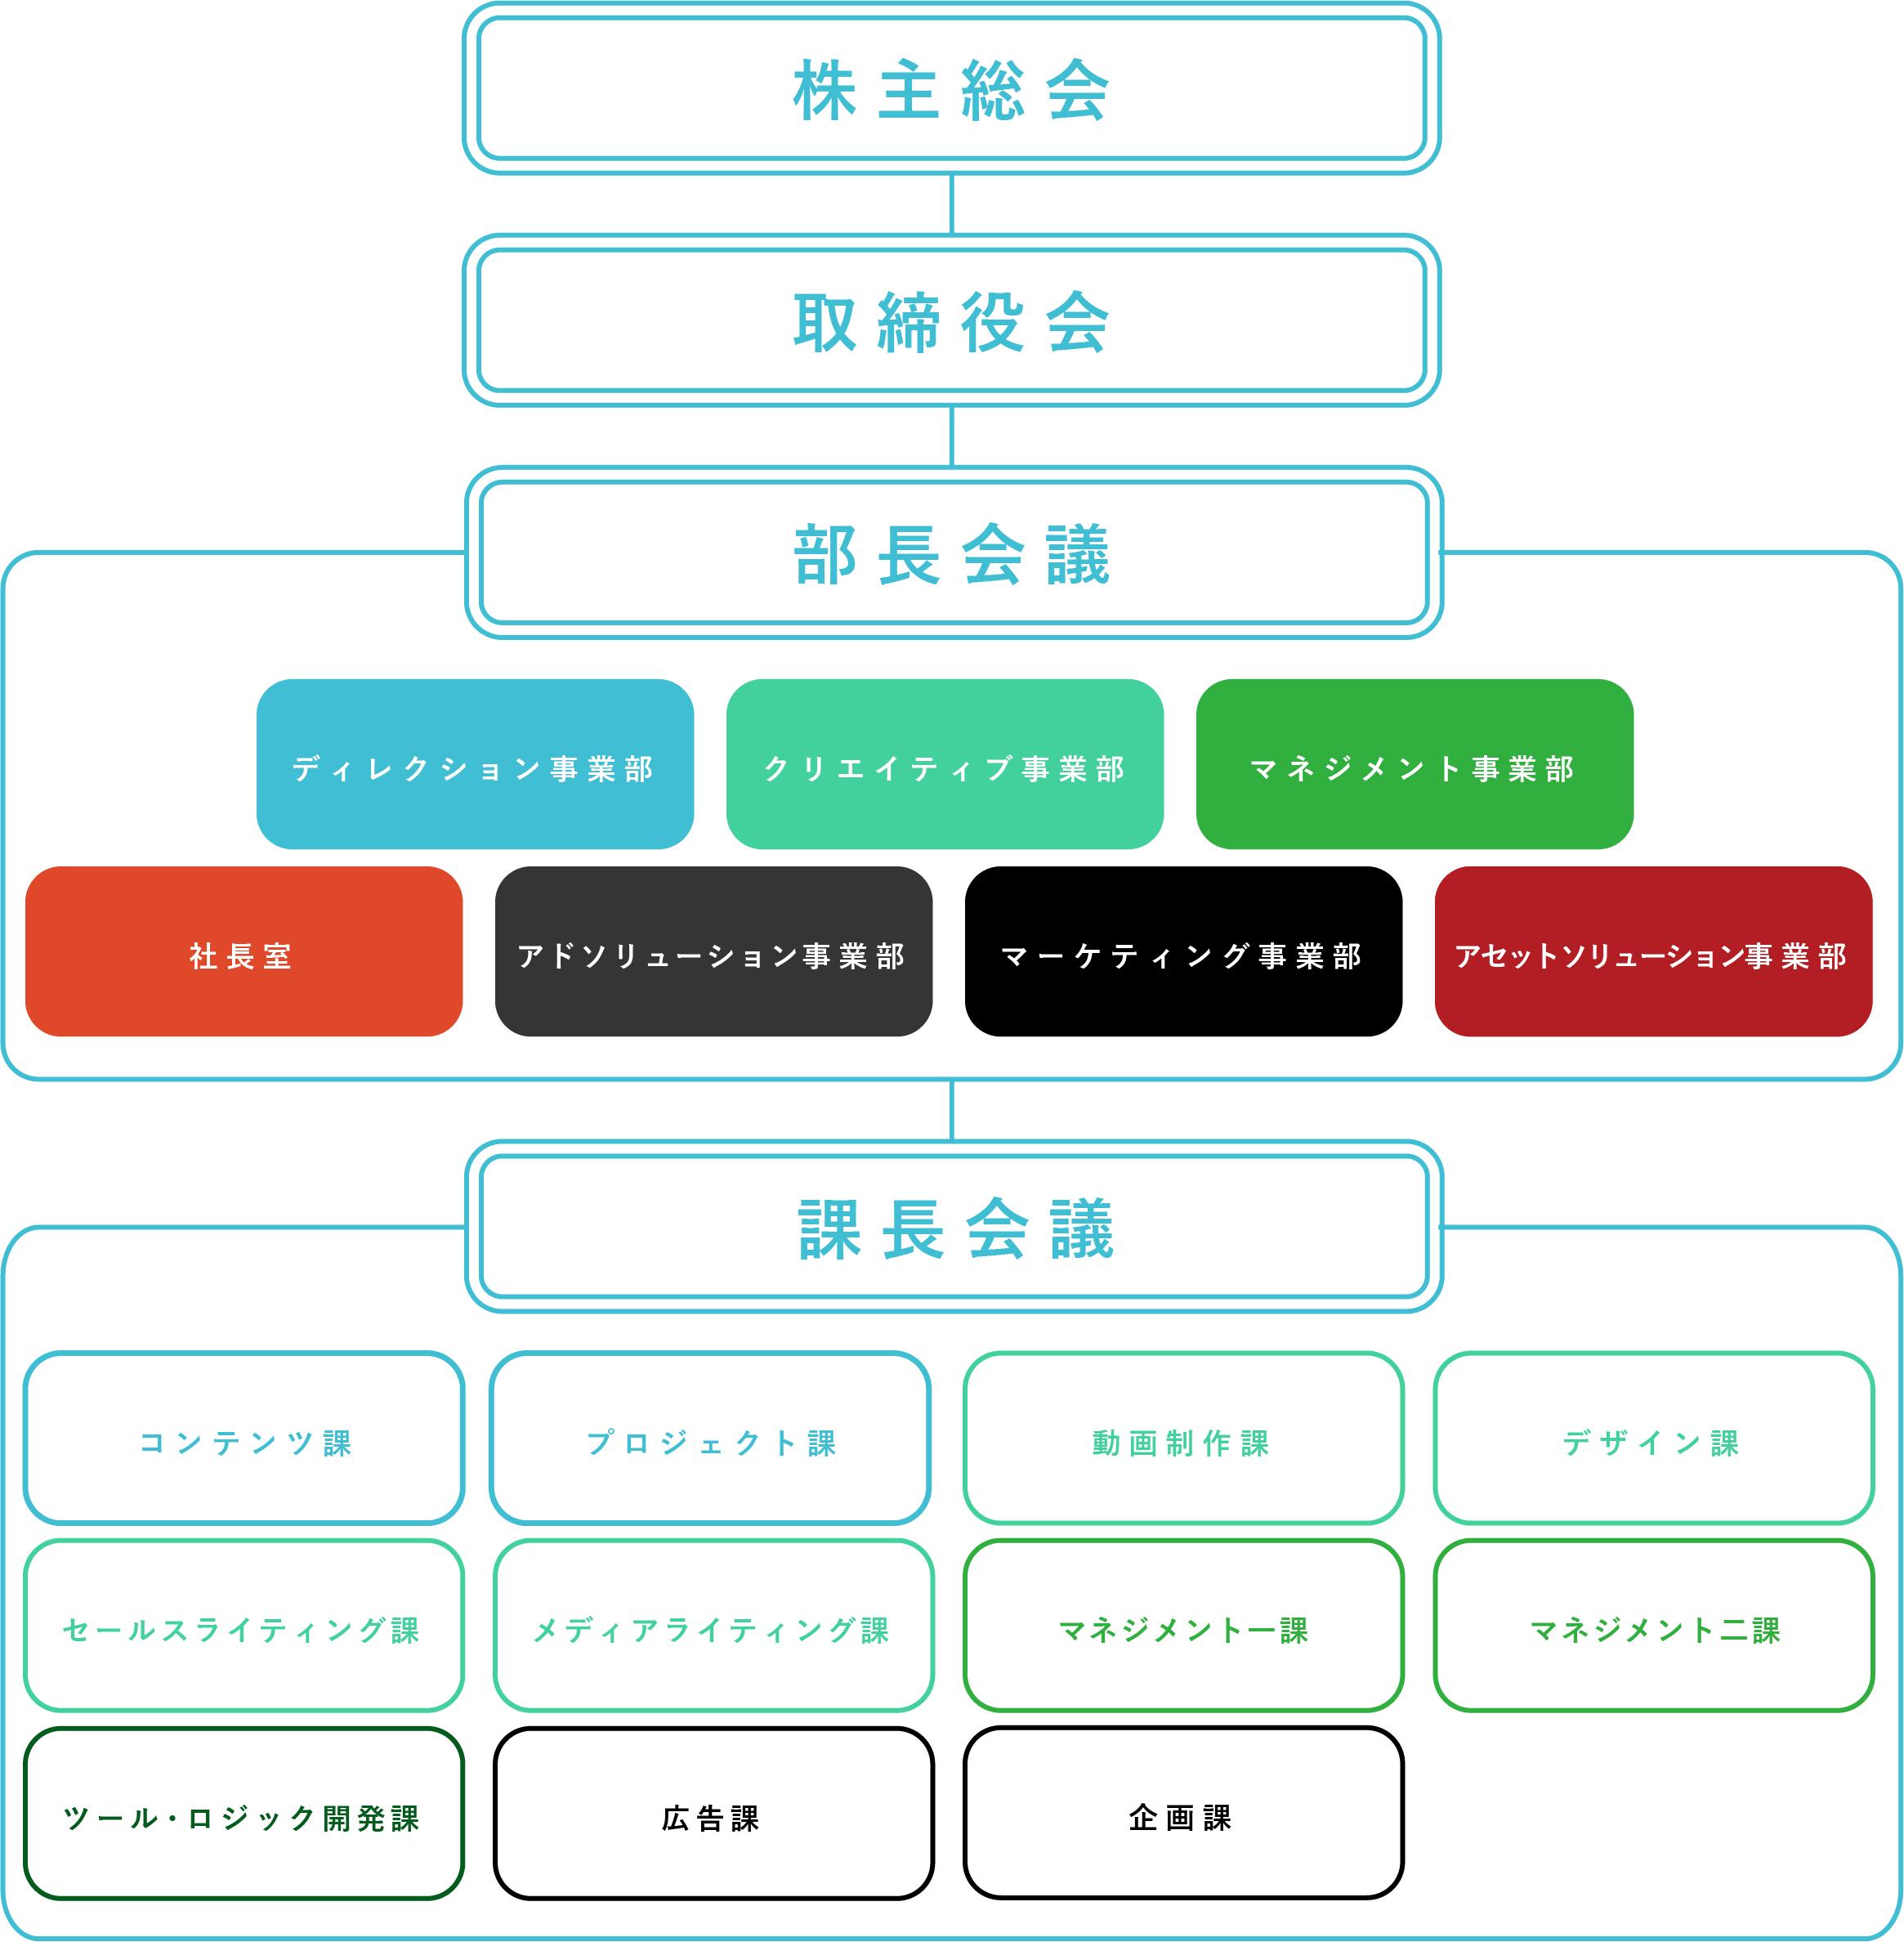 社内組織図